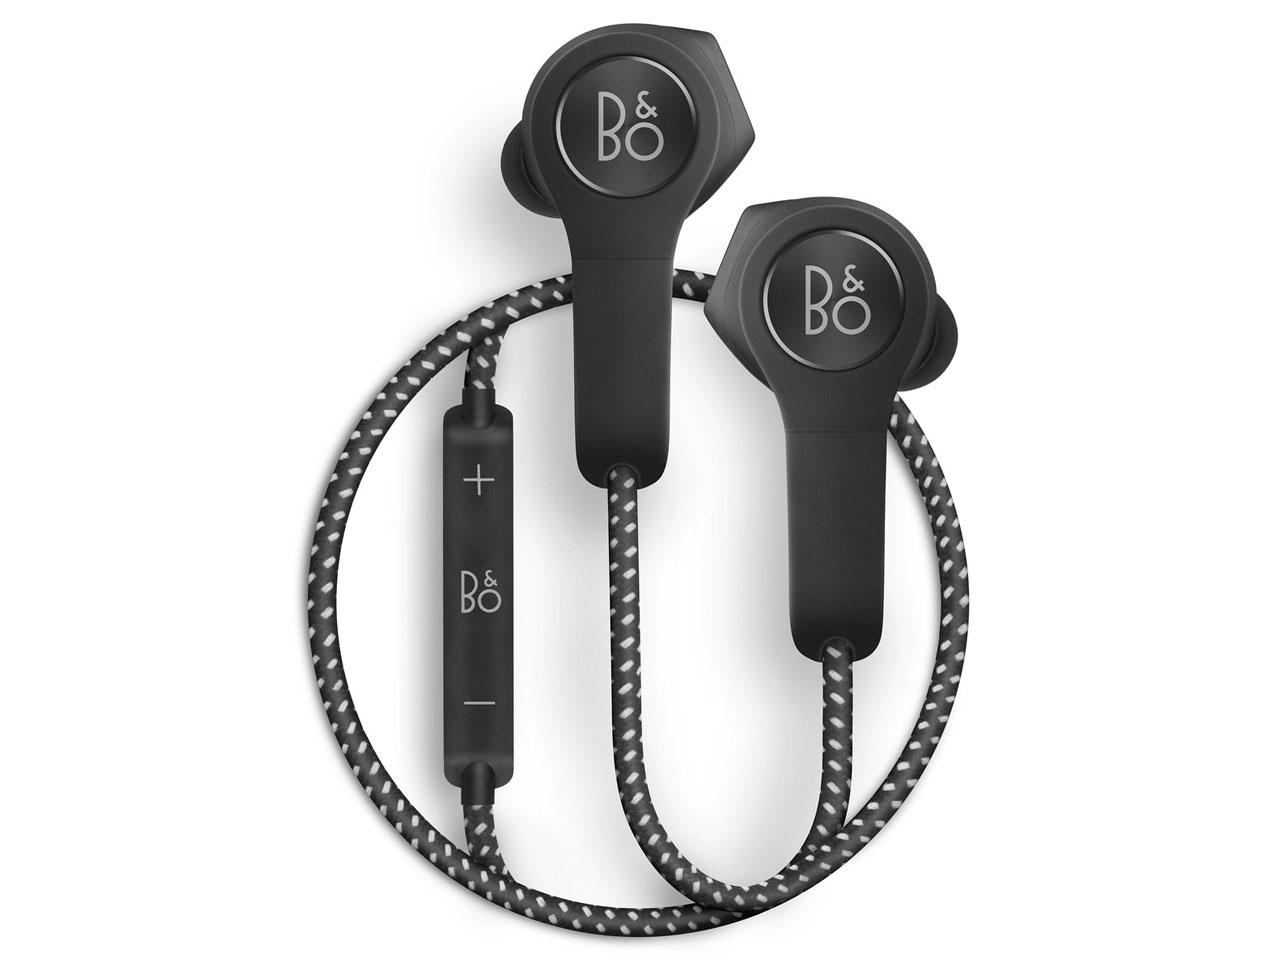 新品 取寄品 Bluetoothイヤフォン 最安値挑戦 BO BLACK PLAY 送料無料お手入れ要らず H5 Beoplay